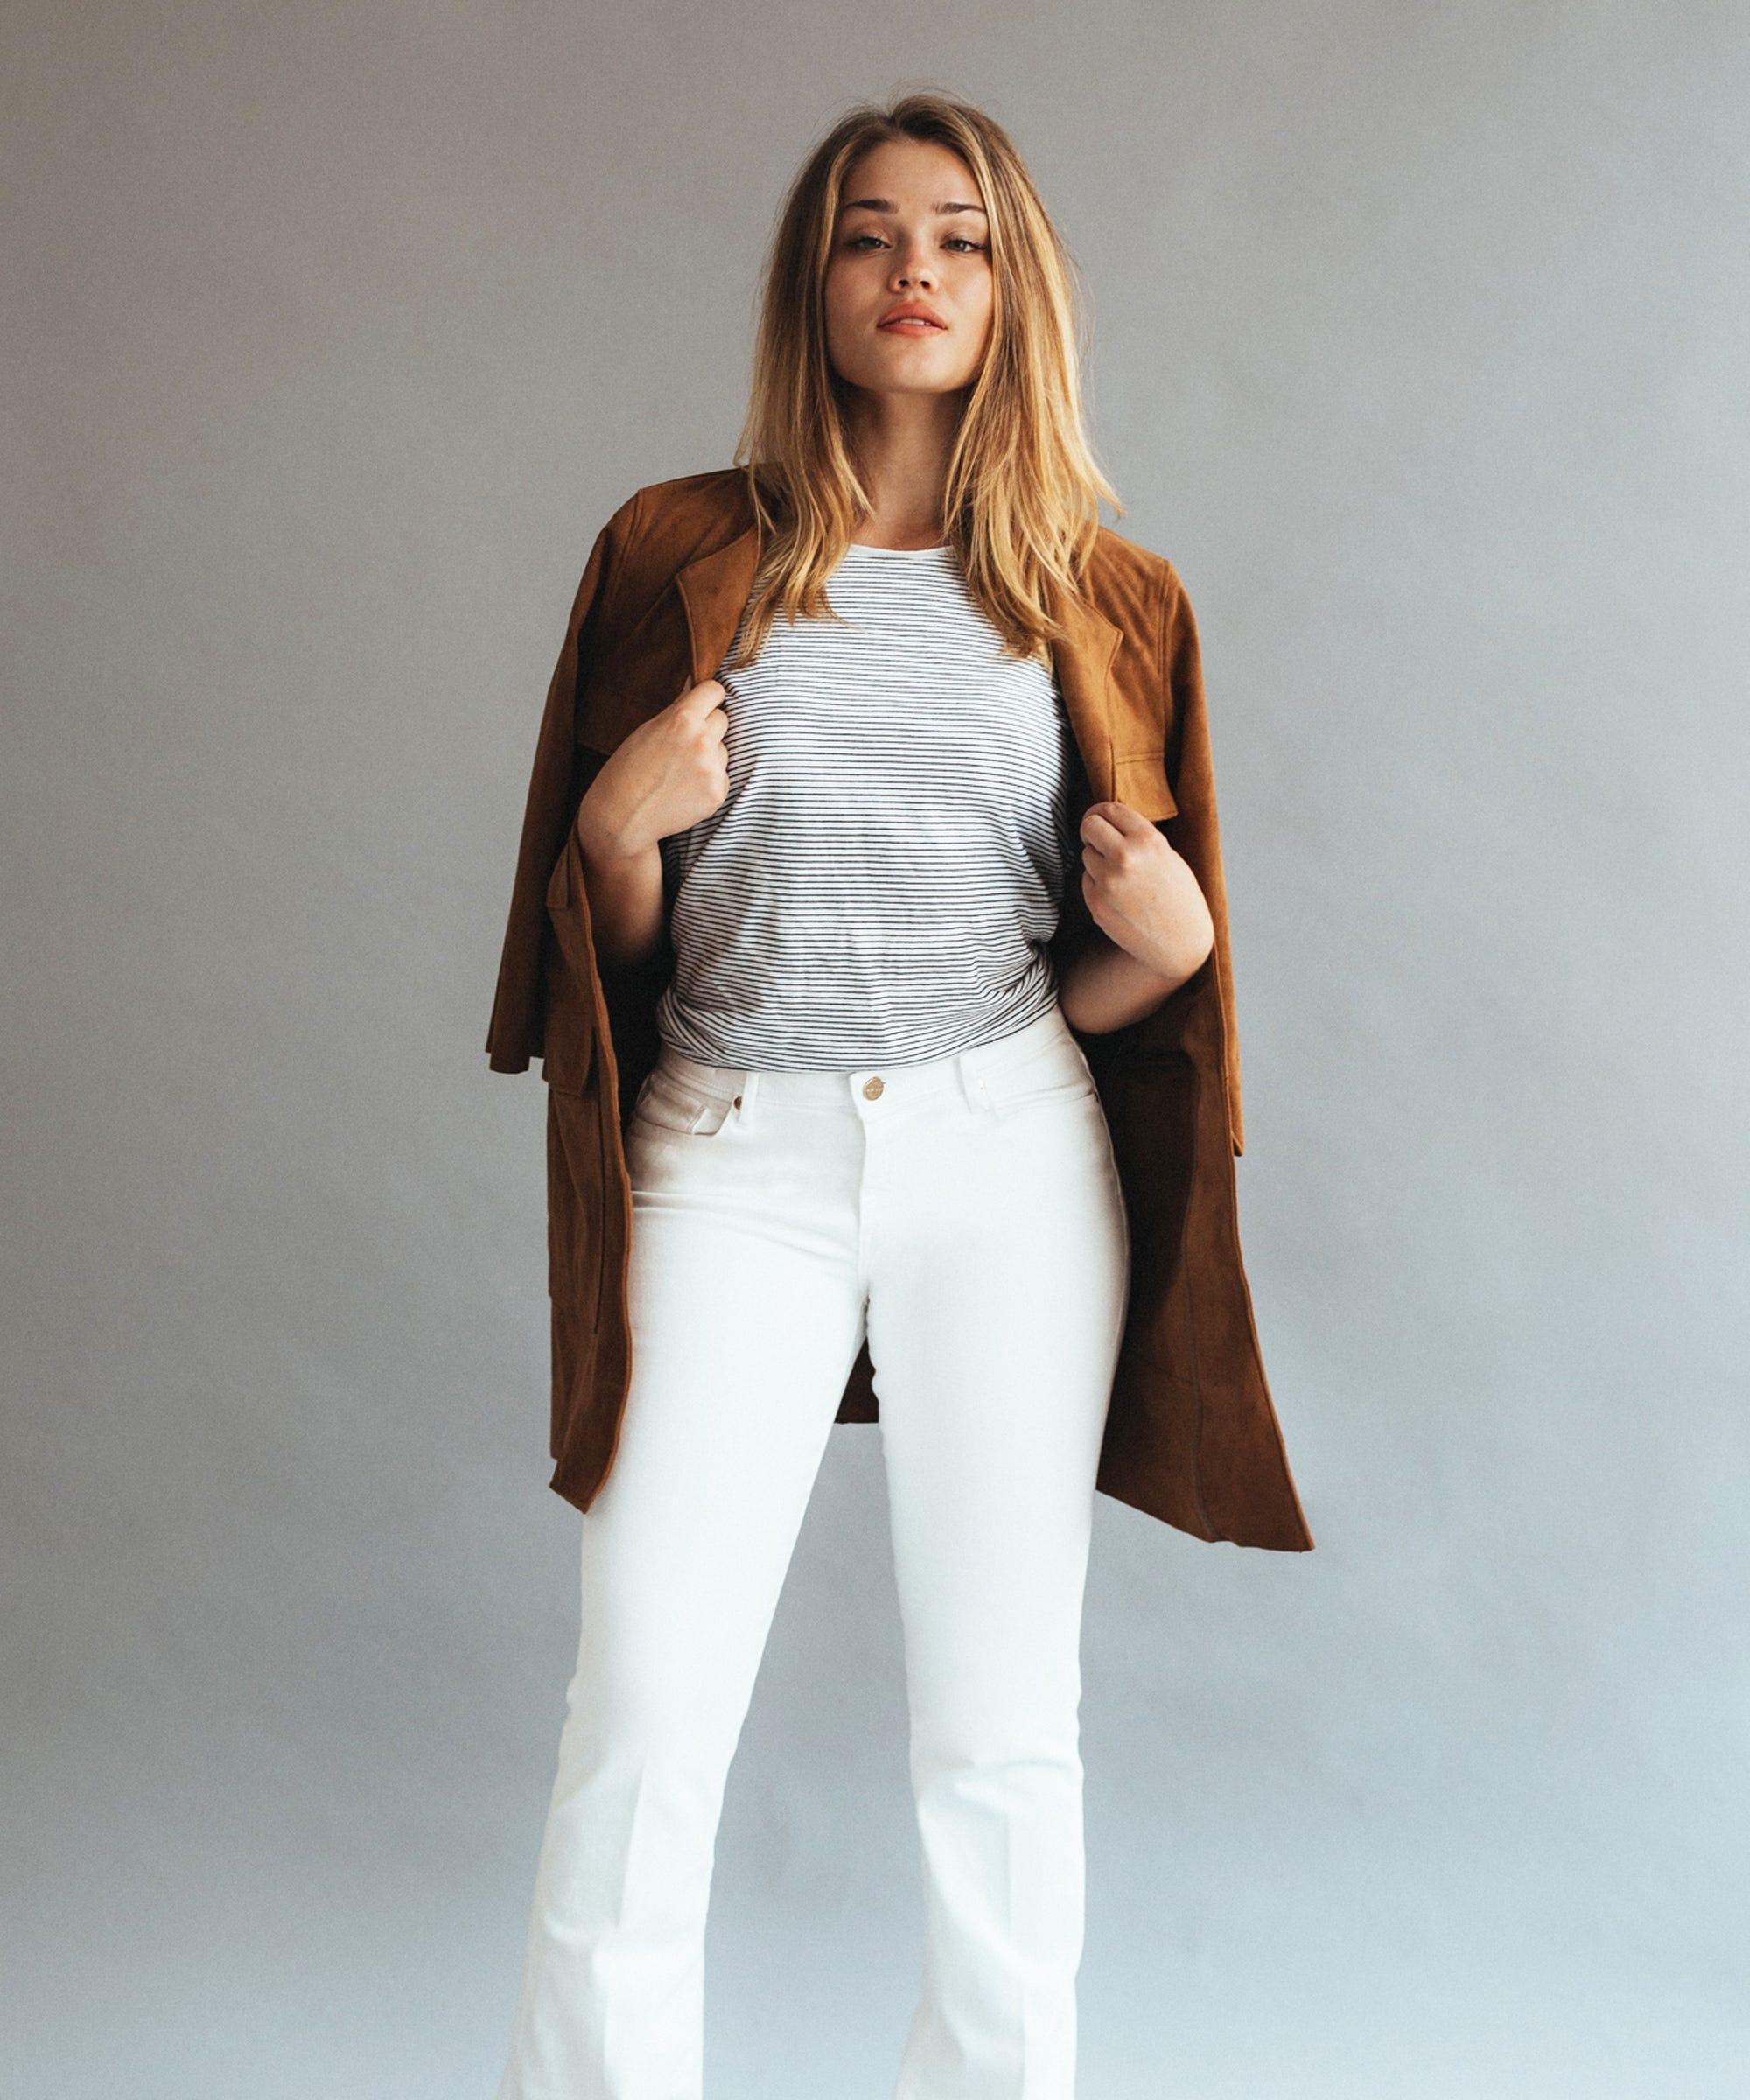 e64db23b8501 Coco Cooper New Curvy Women Plus Size Jeans Line